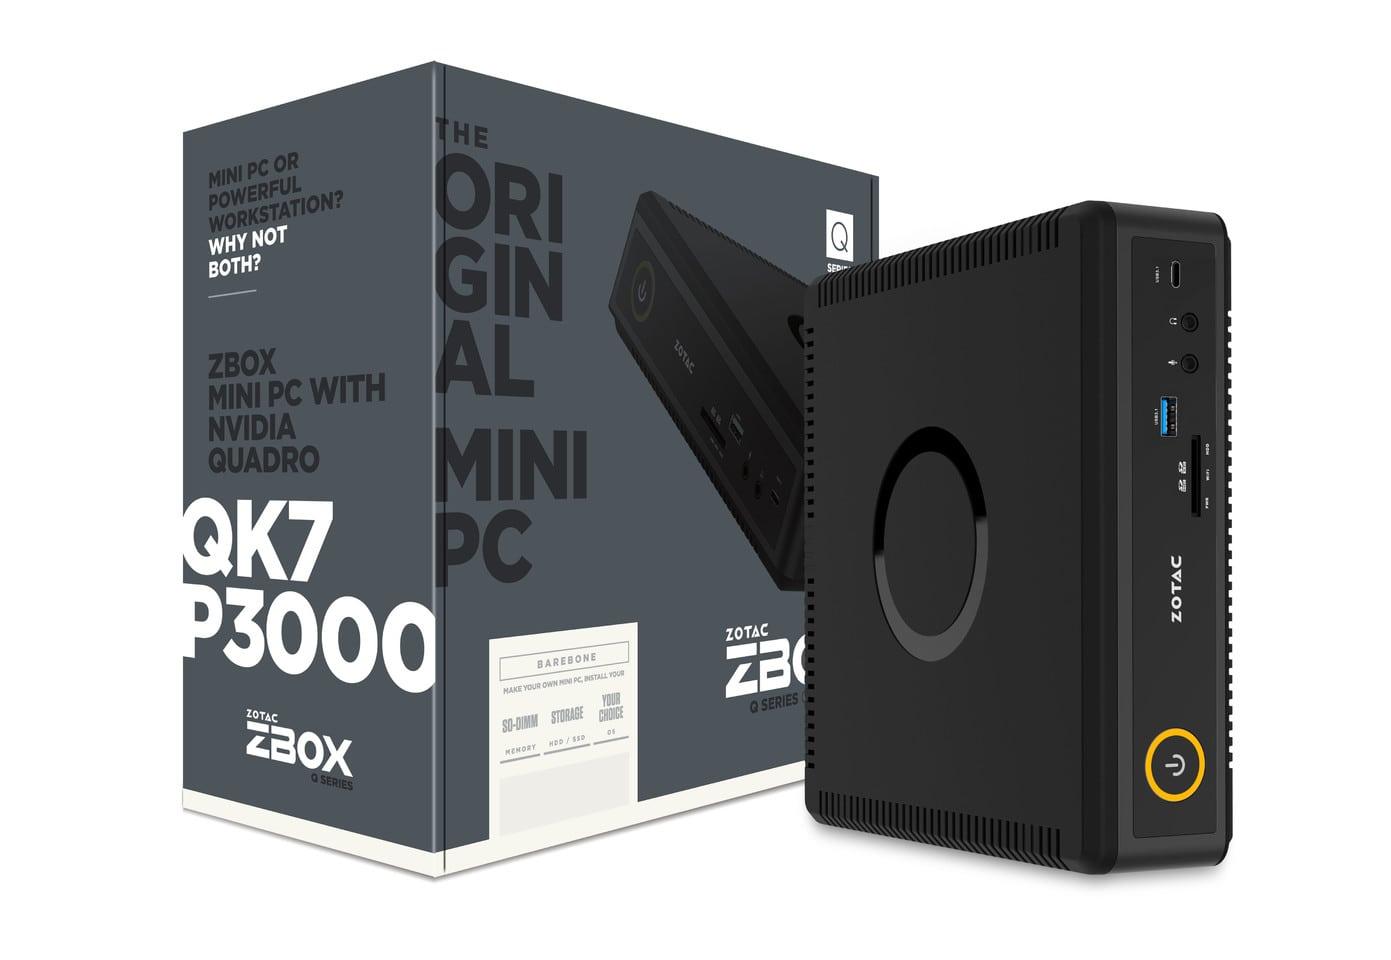 أحد اصدارات ZBOX Q-Series. يبدو أنها ببطاقة NVIDIA Quadro P3000